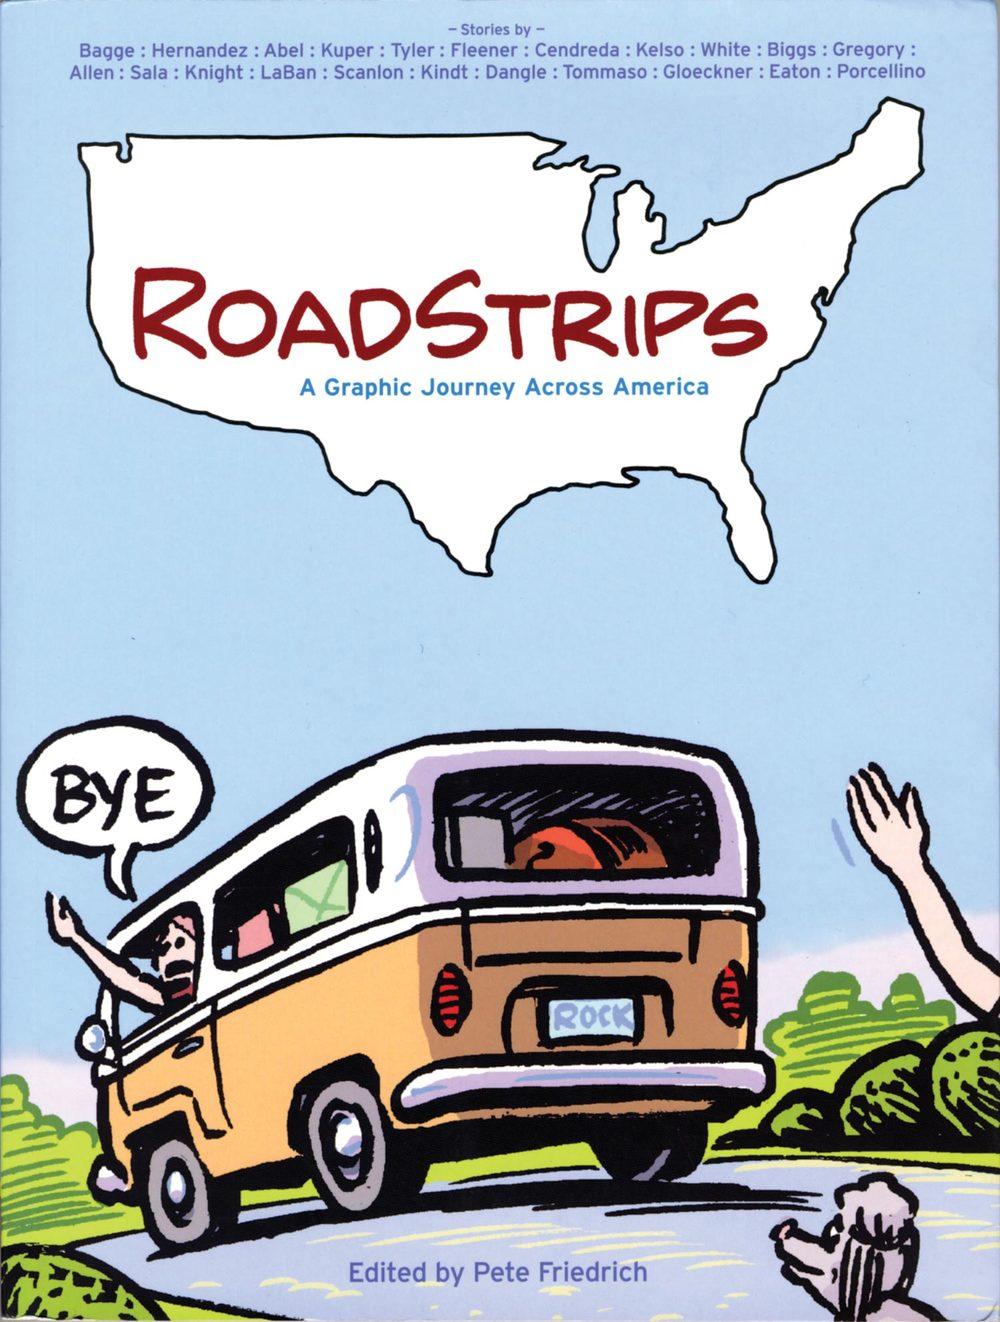 Roadstrips